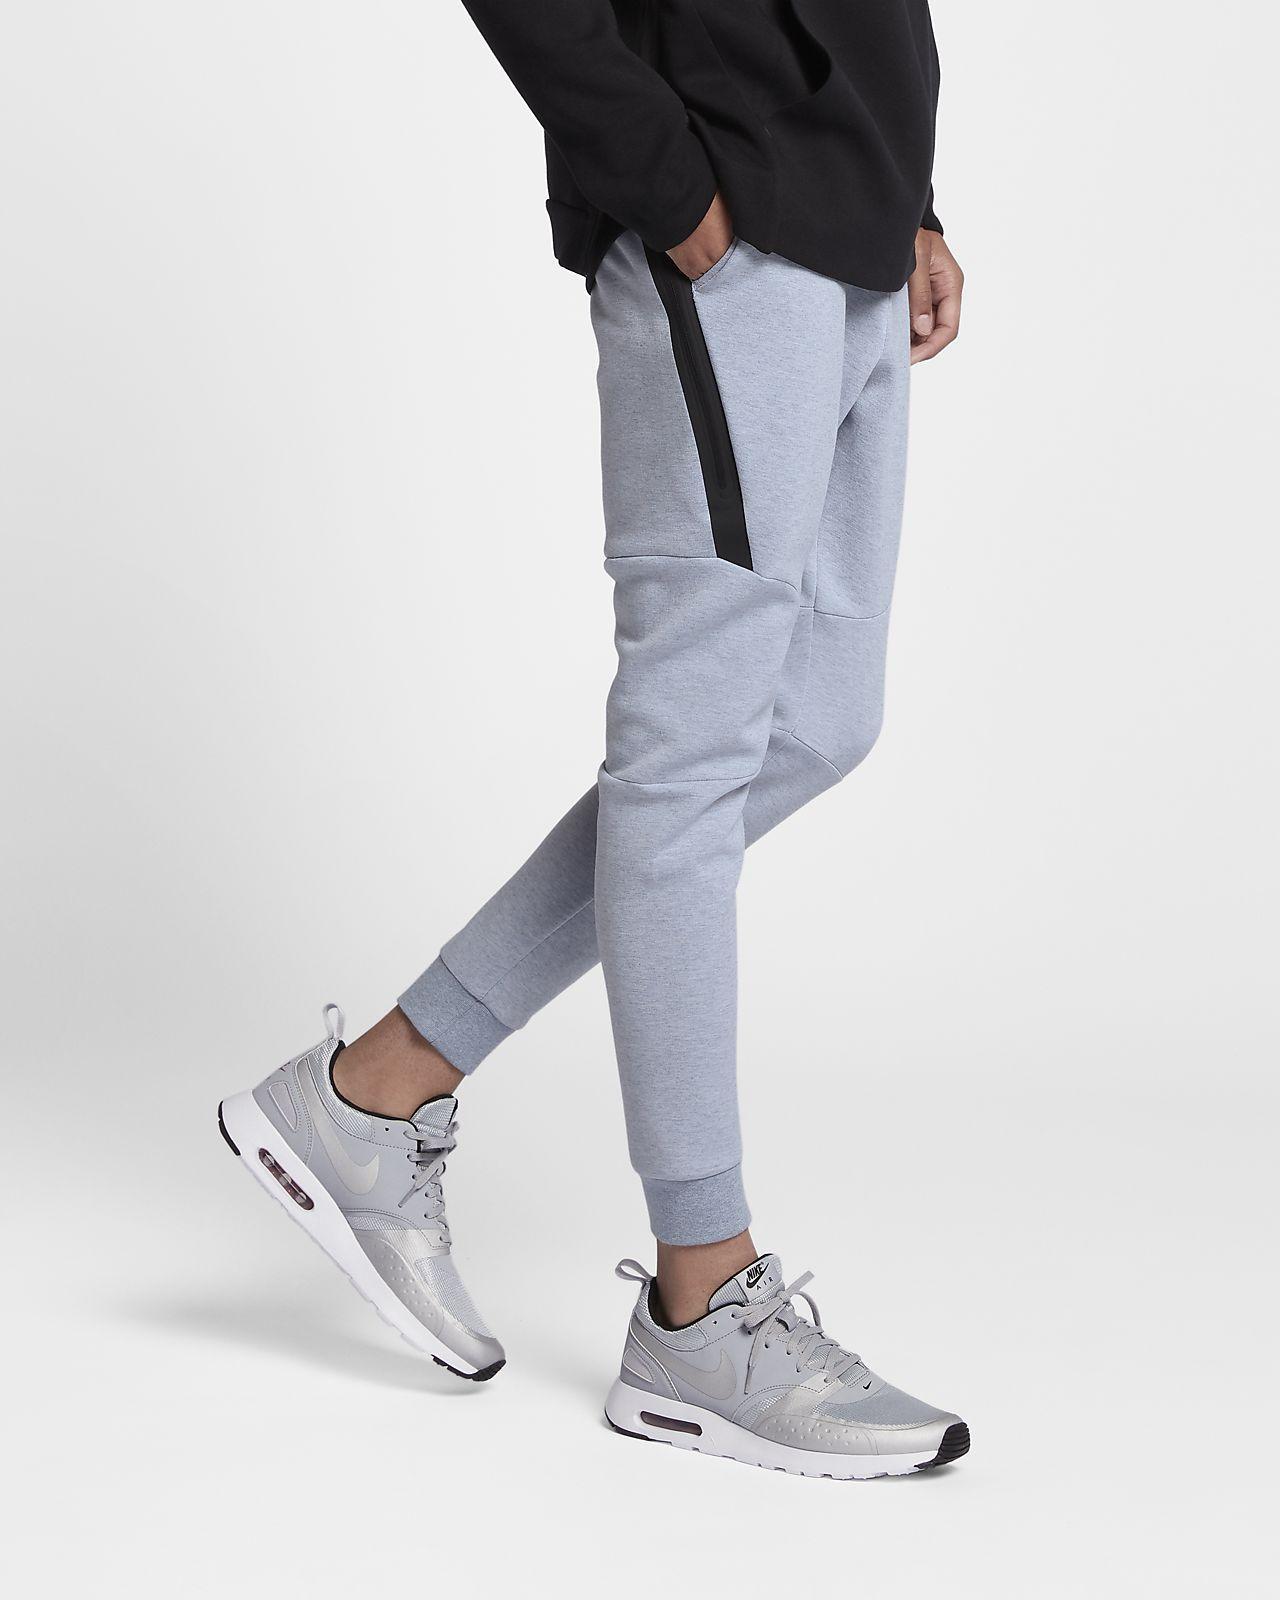 Nike sportswear tech fleece mens joggers tech fleece